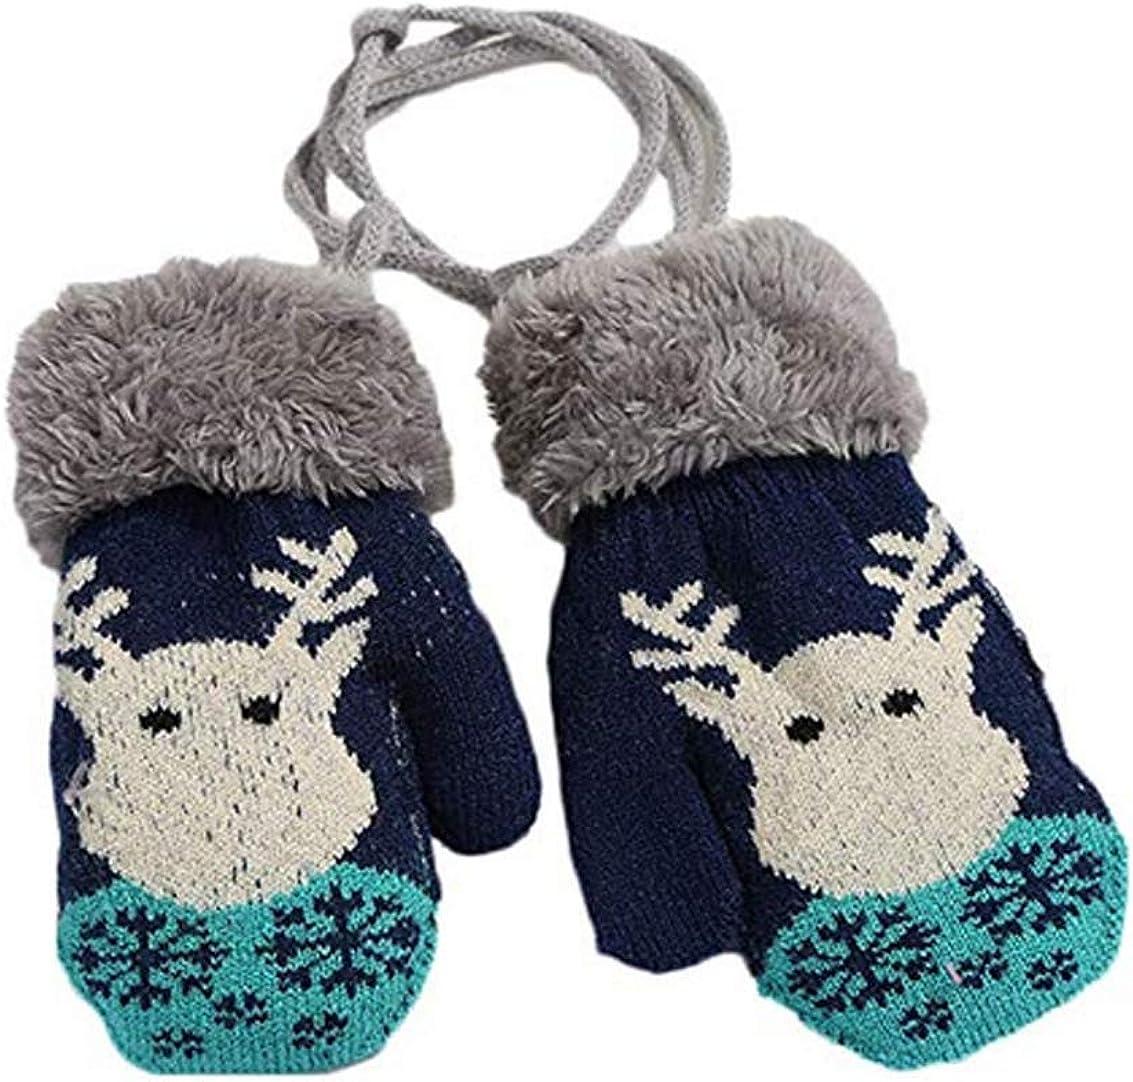 Girl Boy Child Winter Gloves Stretchy Splice Knitted Mittens Newborn Baby Kid